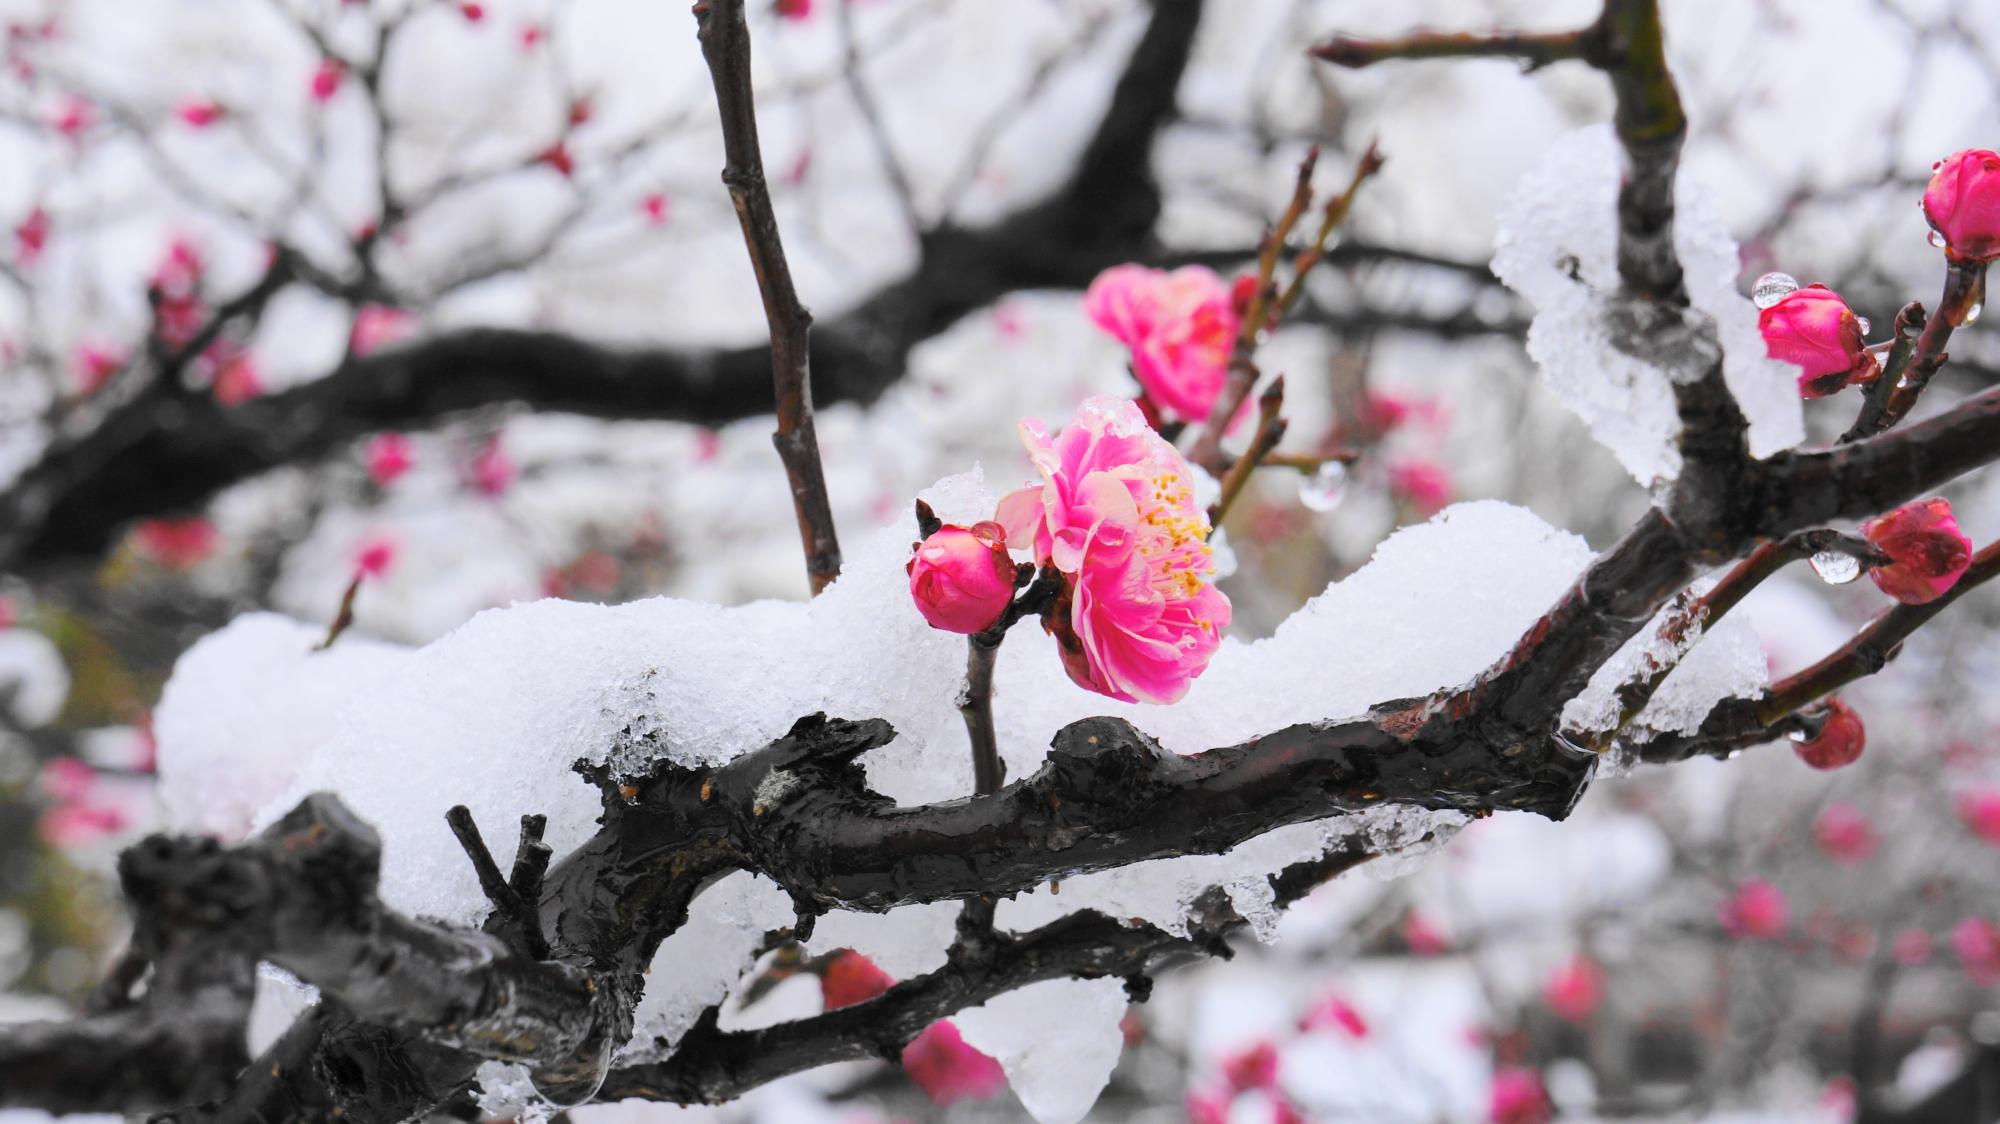 可憐なピンクの梅の花と枝に積もった白い雪